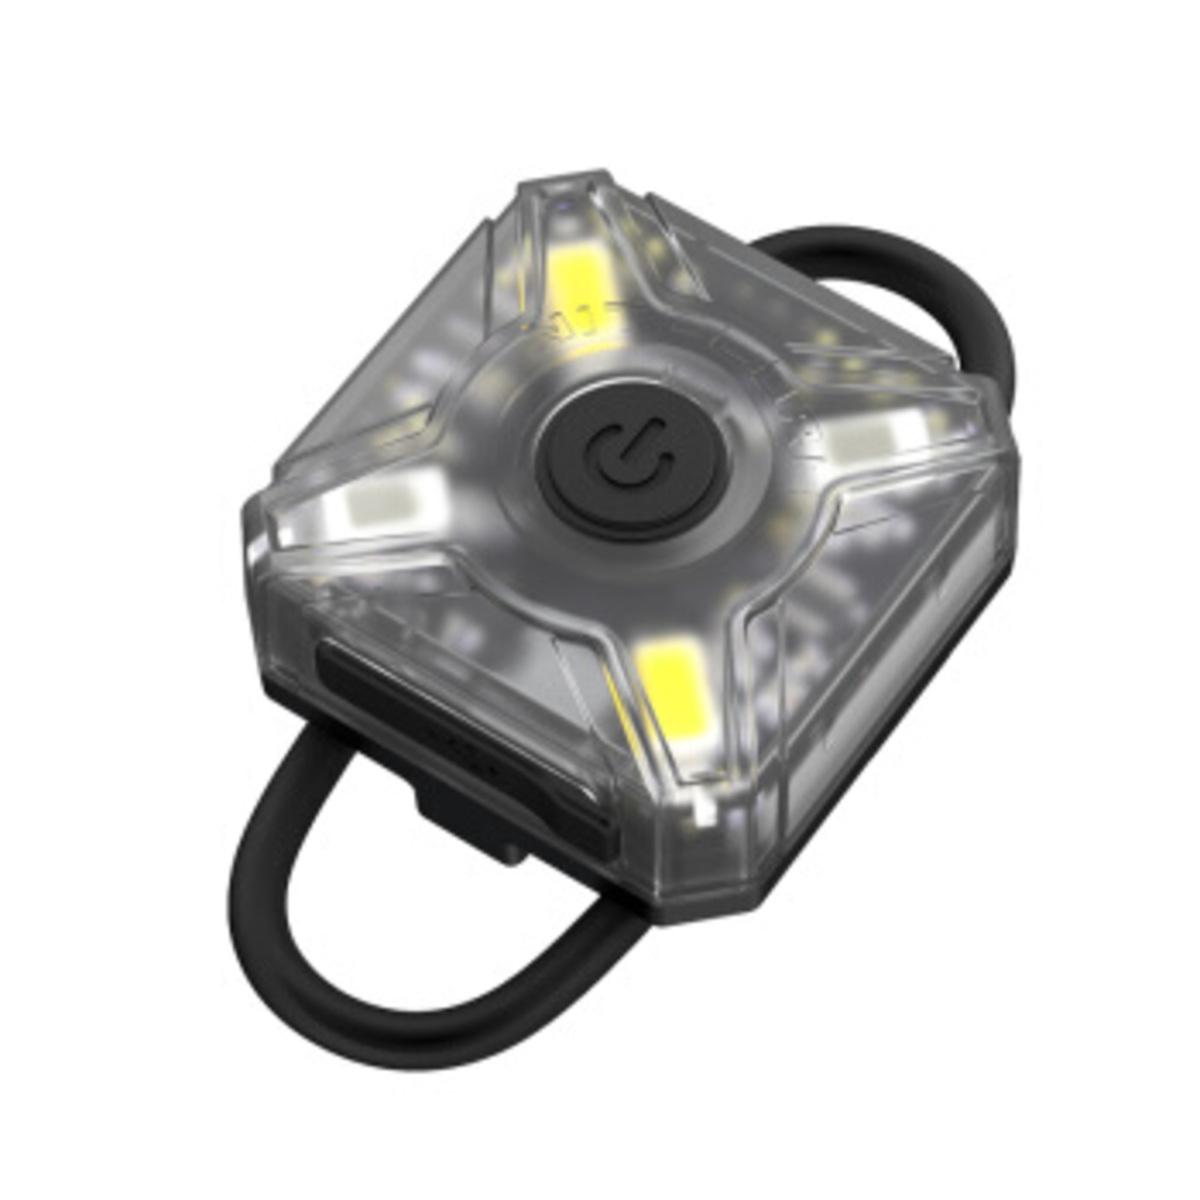 港行 NU05 KIT 羽量級 USB 可充電 警示燈 頭燈 單車燈